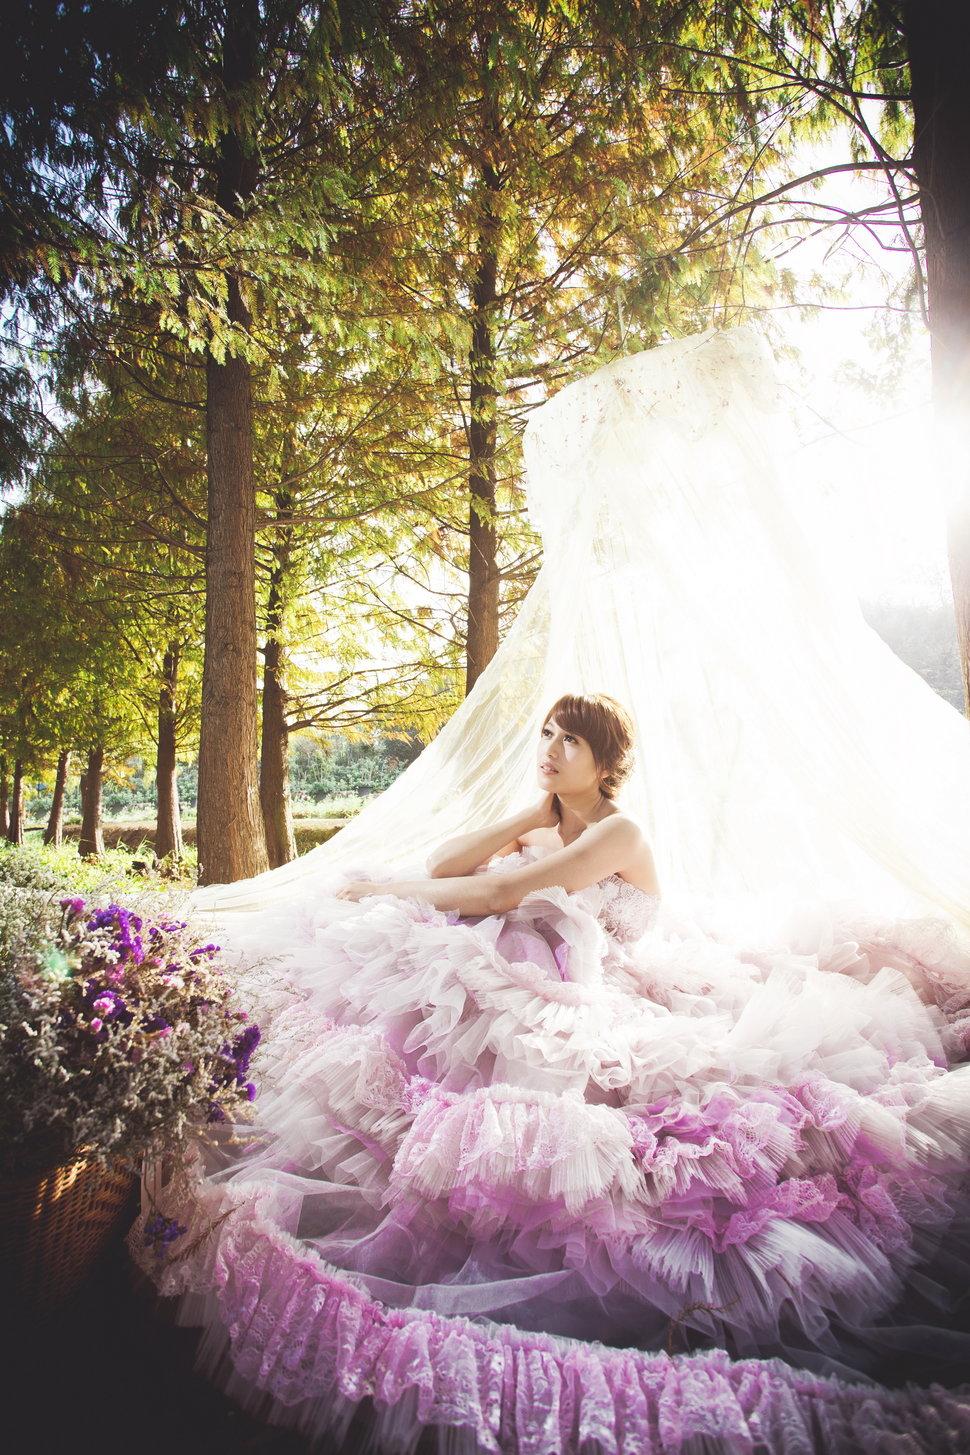 希臘婚禮 婚紗 攝影 手工婚紗禮服 超美(編號:377085) - 希臘婚禮  婚紗  攝影 - 結婚吧一站式婚禮服務平台